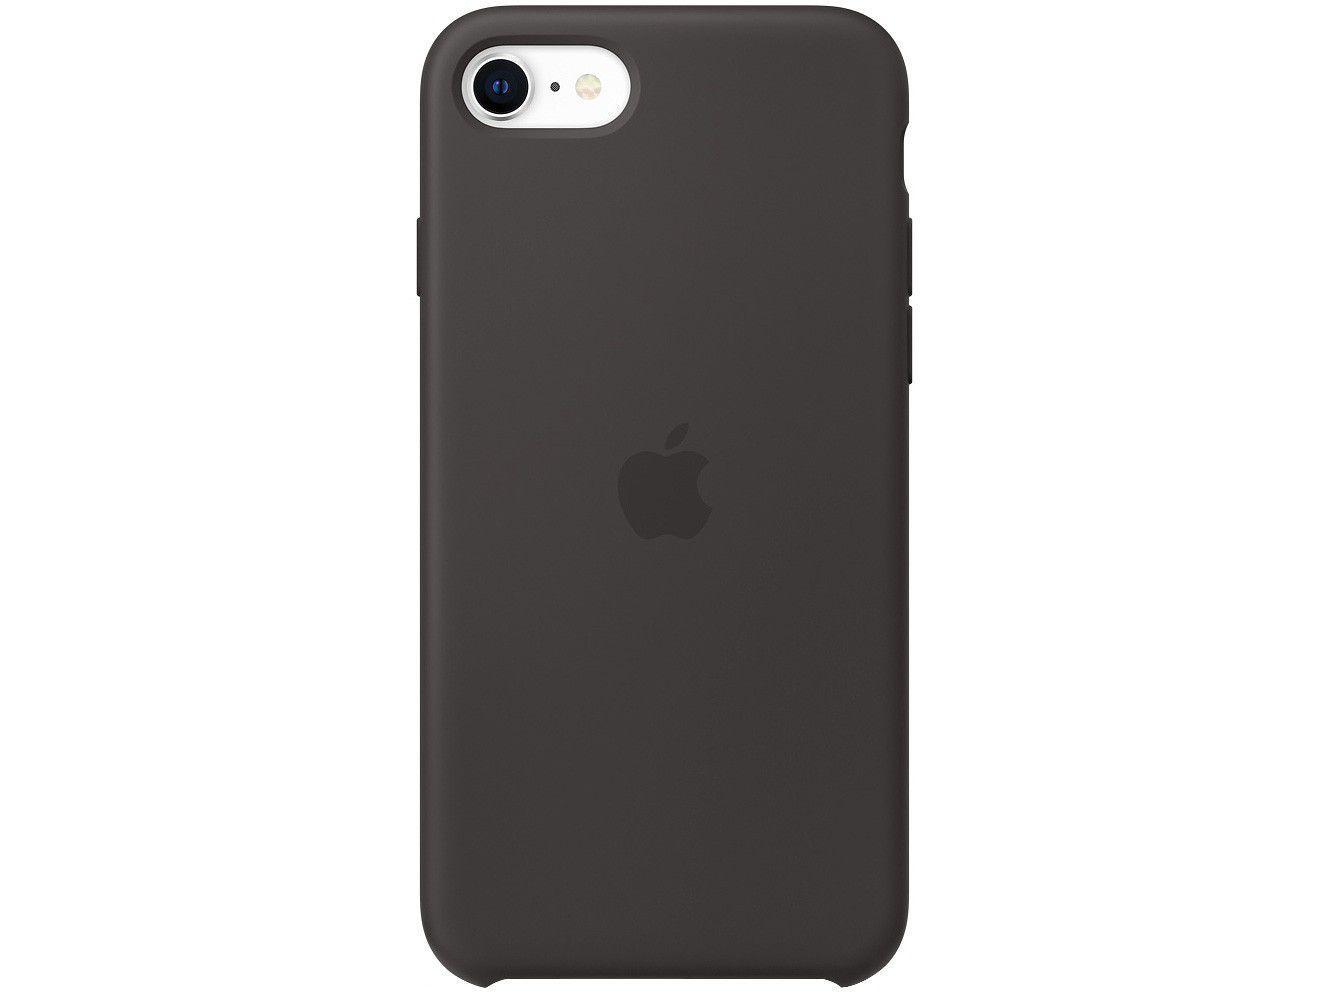 Capinha de Celular Silicone iPhone SE Apple - MXYH2ZM/A Preto